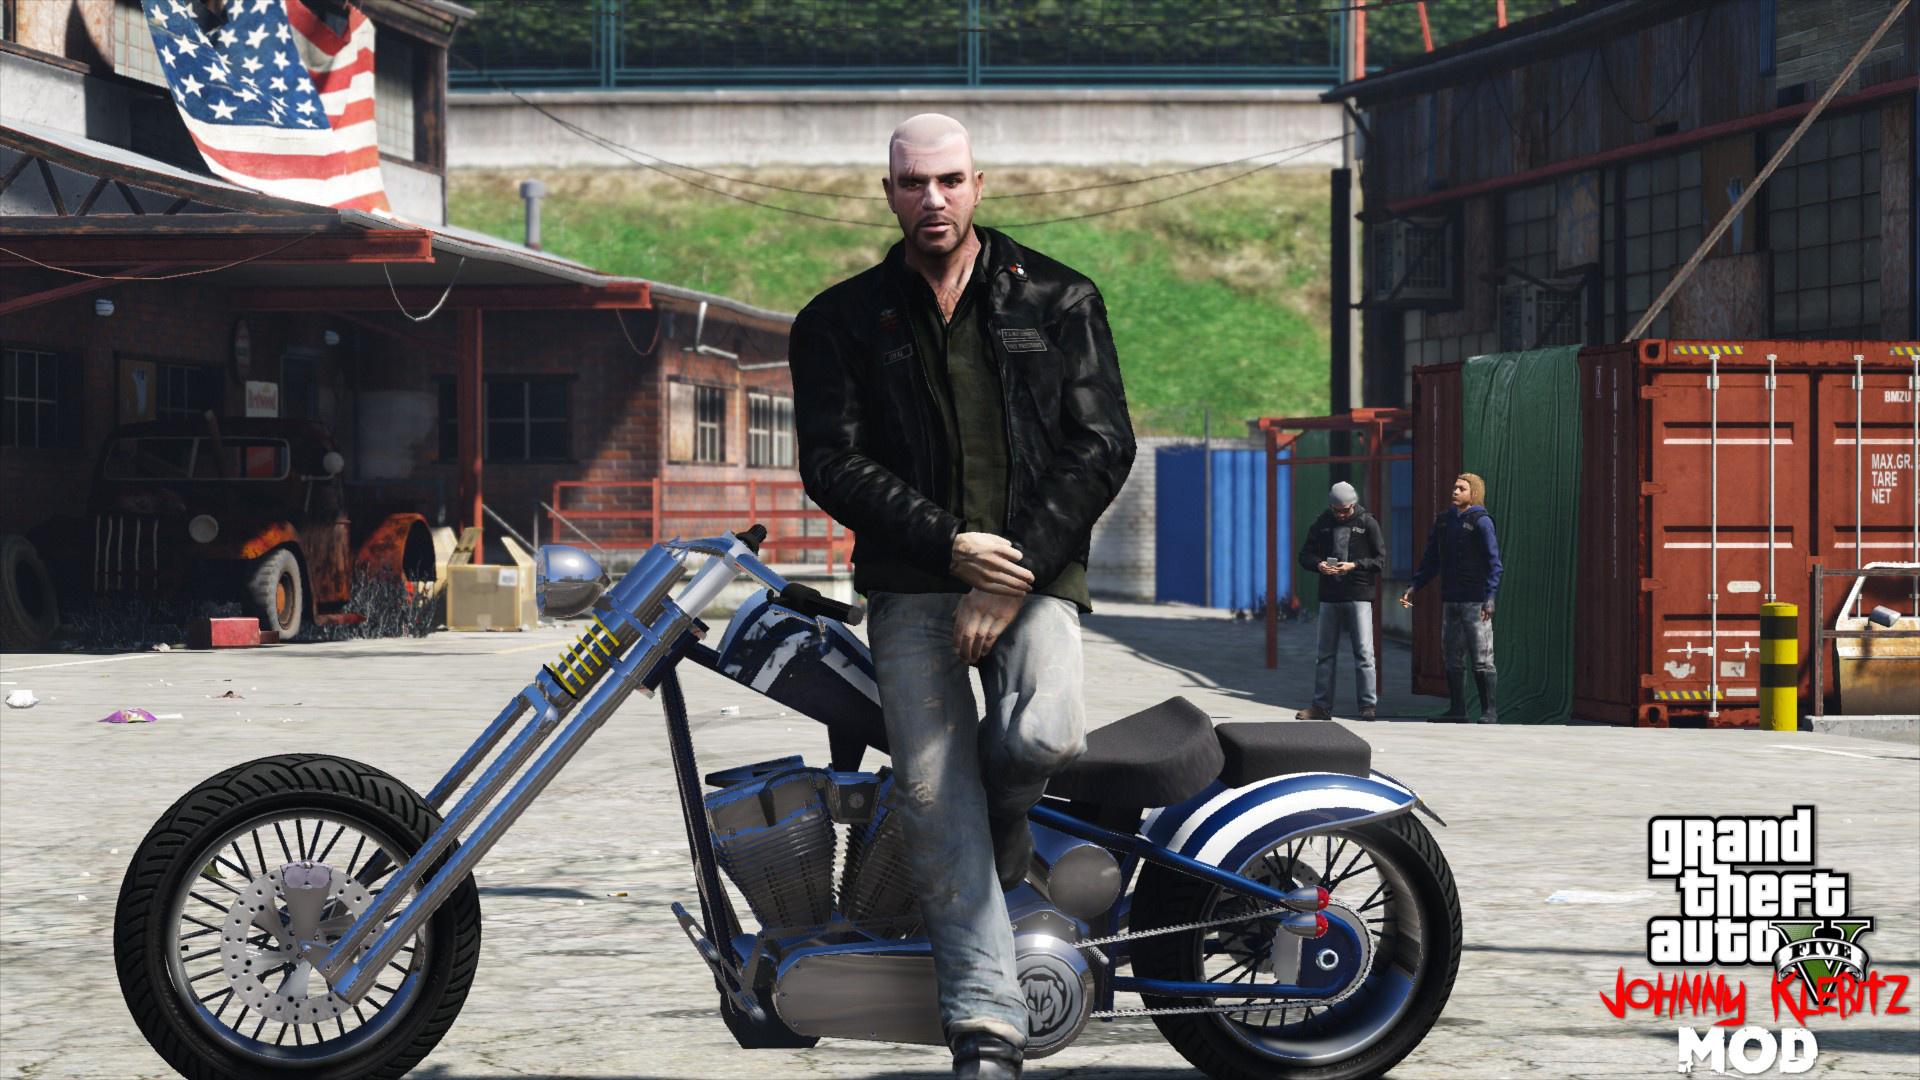 Johnny Klebitz - GTA5-Mods com